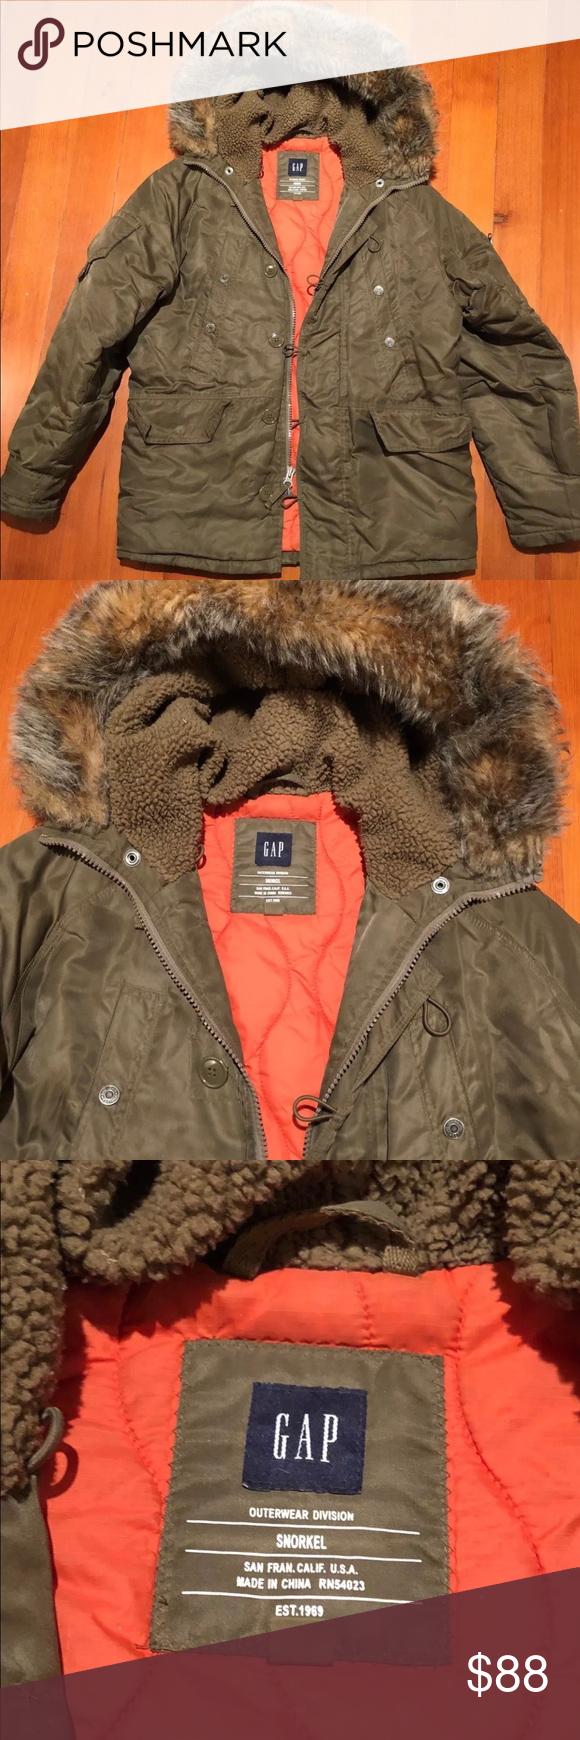 Gap Snorkel Jacket Sz Large Jackets Clothes Design Fashion Design [ 1740 x 580 Pixel ]